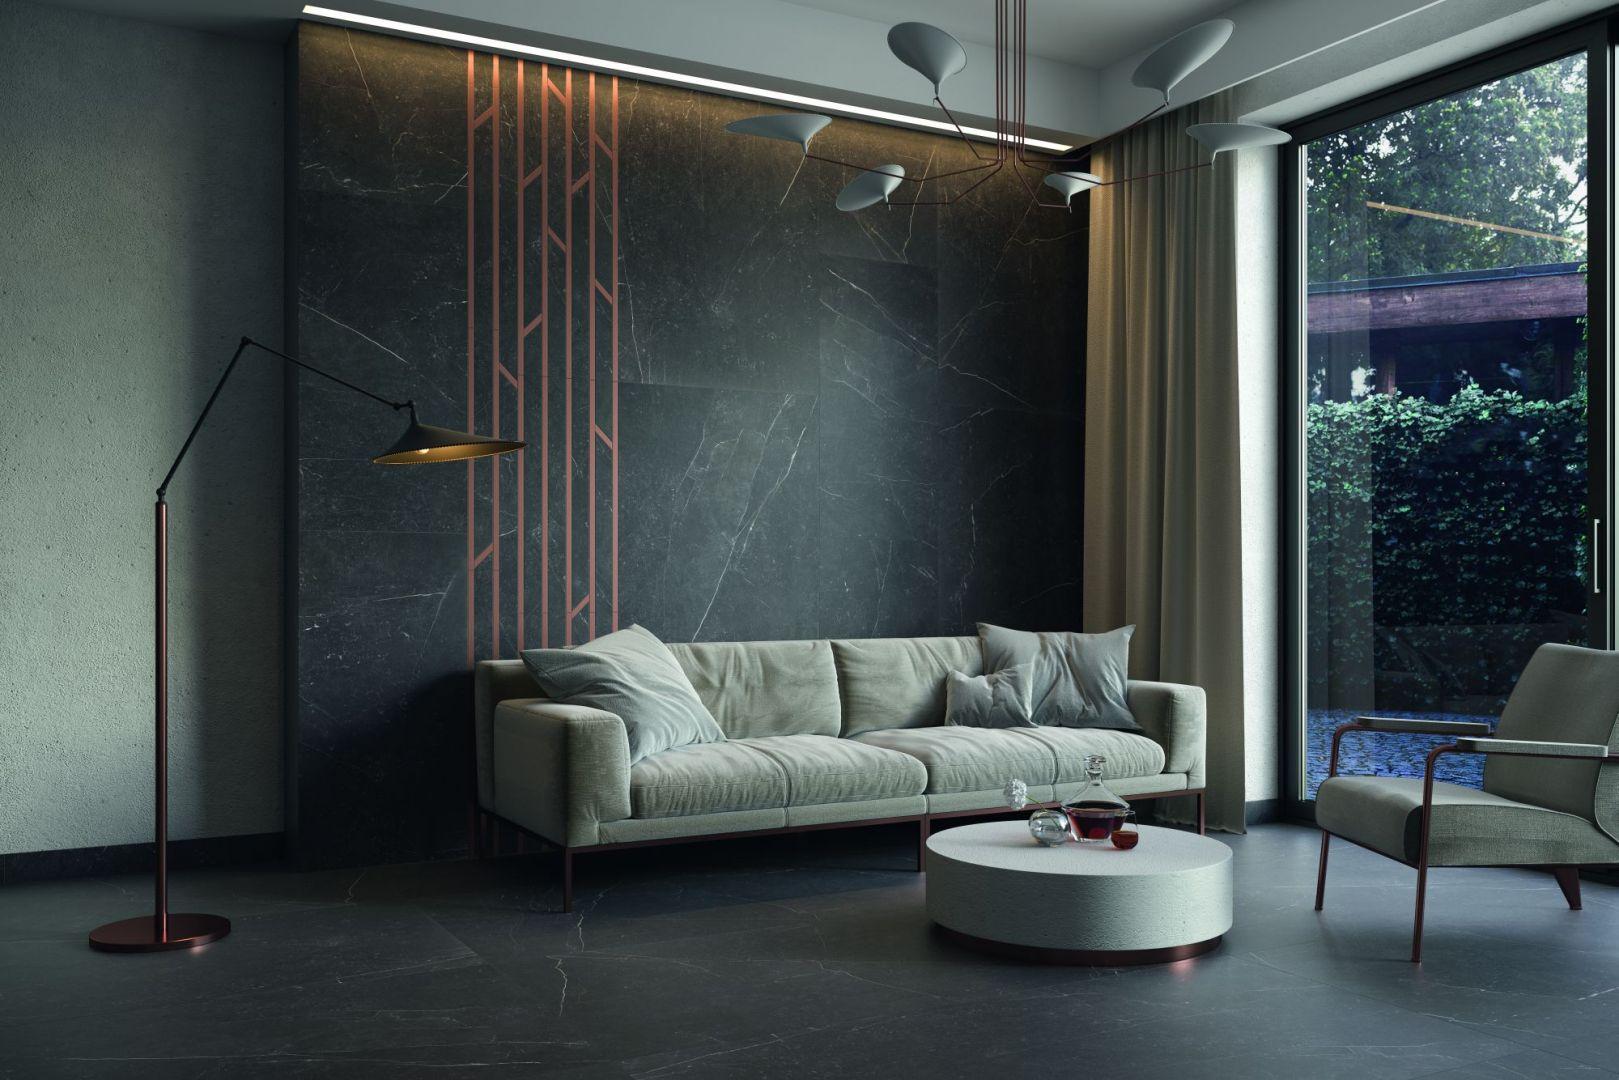 Kolekcja Barro inspirowana naturalną elegancją czarnego kamienia umożliwia wykreowanie wytwornej i stonowanej przestrzeni. Fot. Ceramika Paradyż